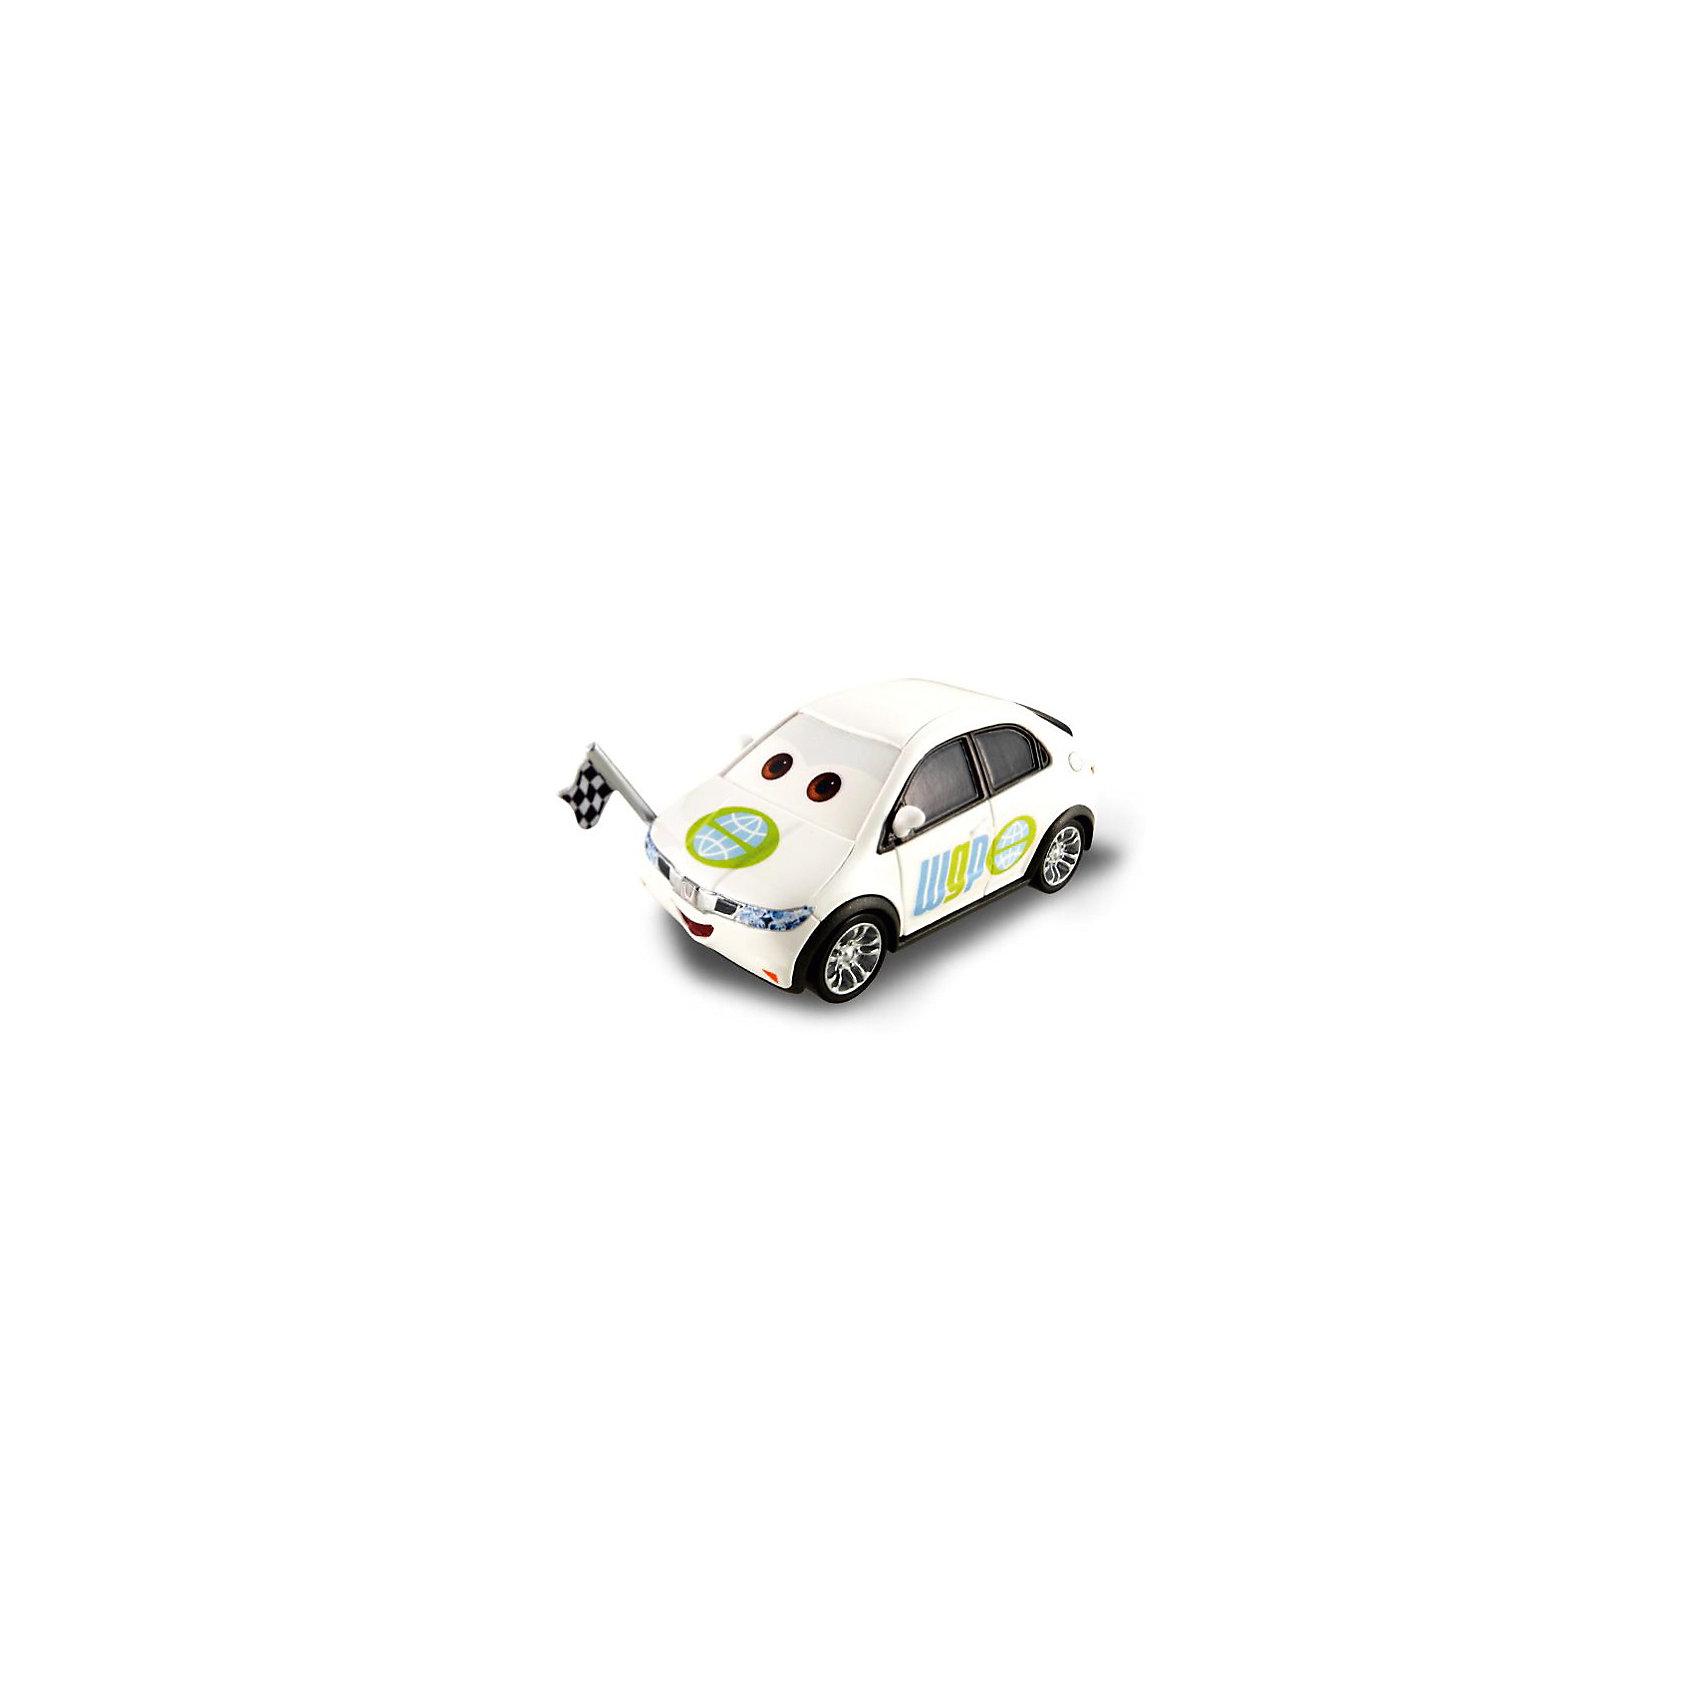 Литая машинка Disney Cars Тачки-2, Эрик ЛантеллиКоллекционные машинки<br><br><br>Ширина мм: 135<br>Глубина мм: 45<br>Высота мм: 160<br>Вес г: 80<br>Возраст от месяцев: 36<br>Возраст до месяцев: 72<br>Пол: Мужской<br>Возраст: Детский<br>SKU: 7142104